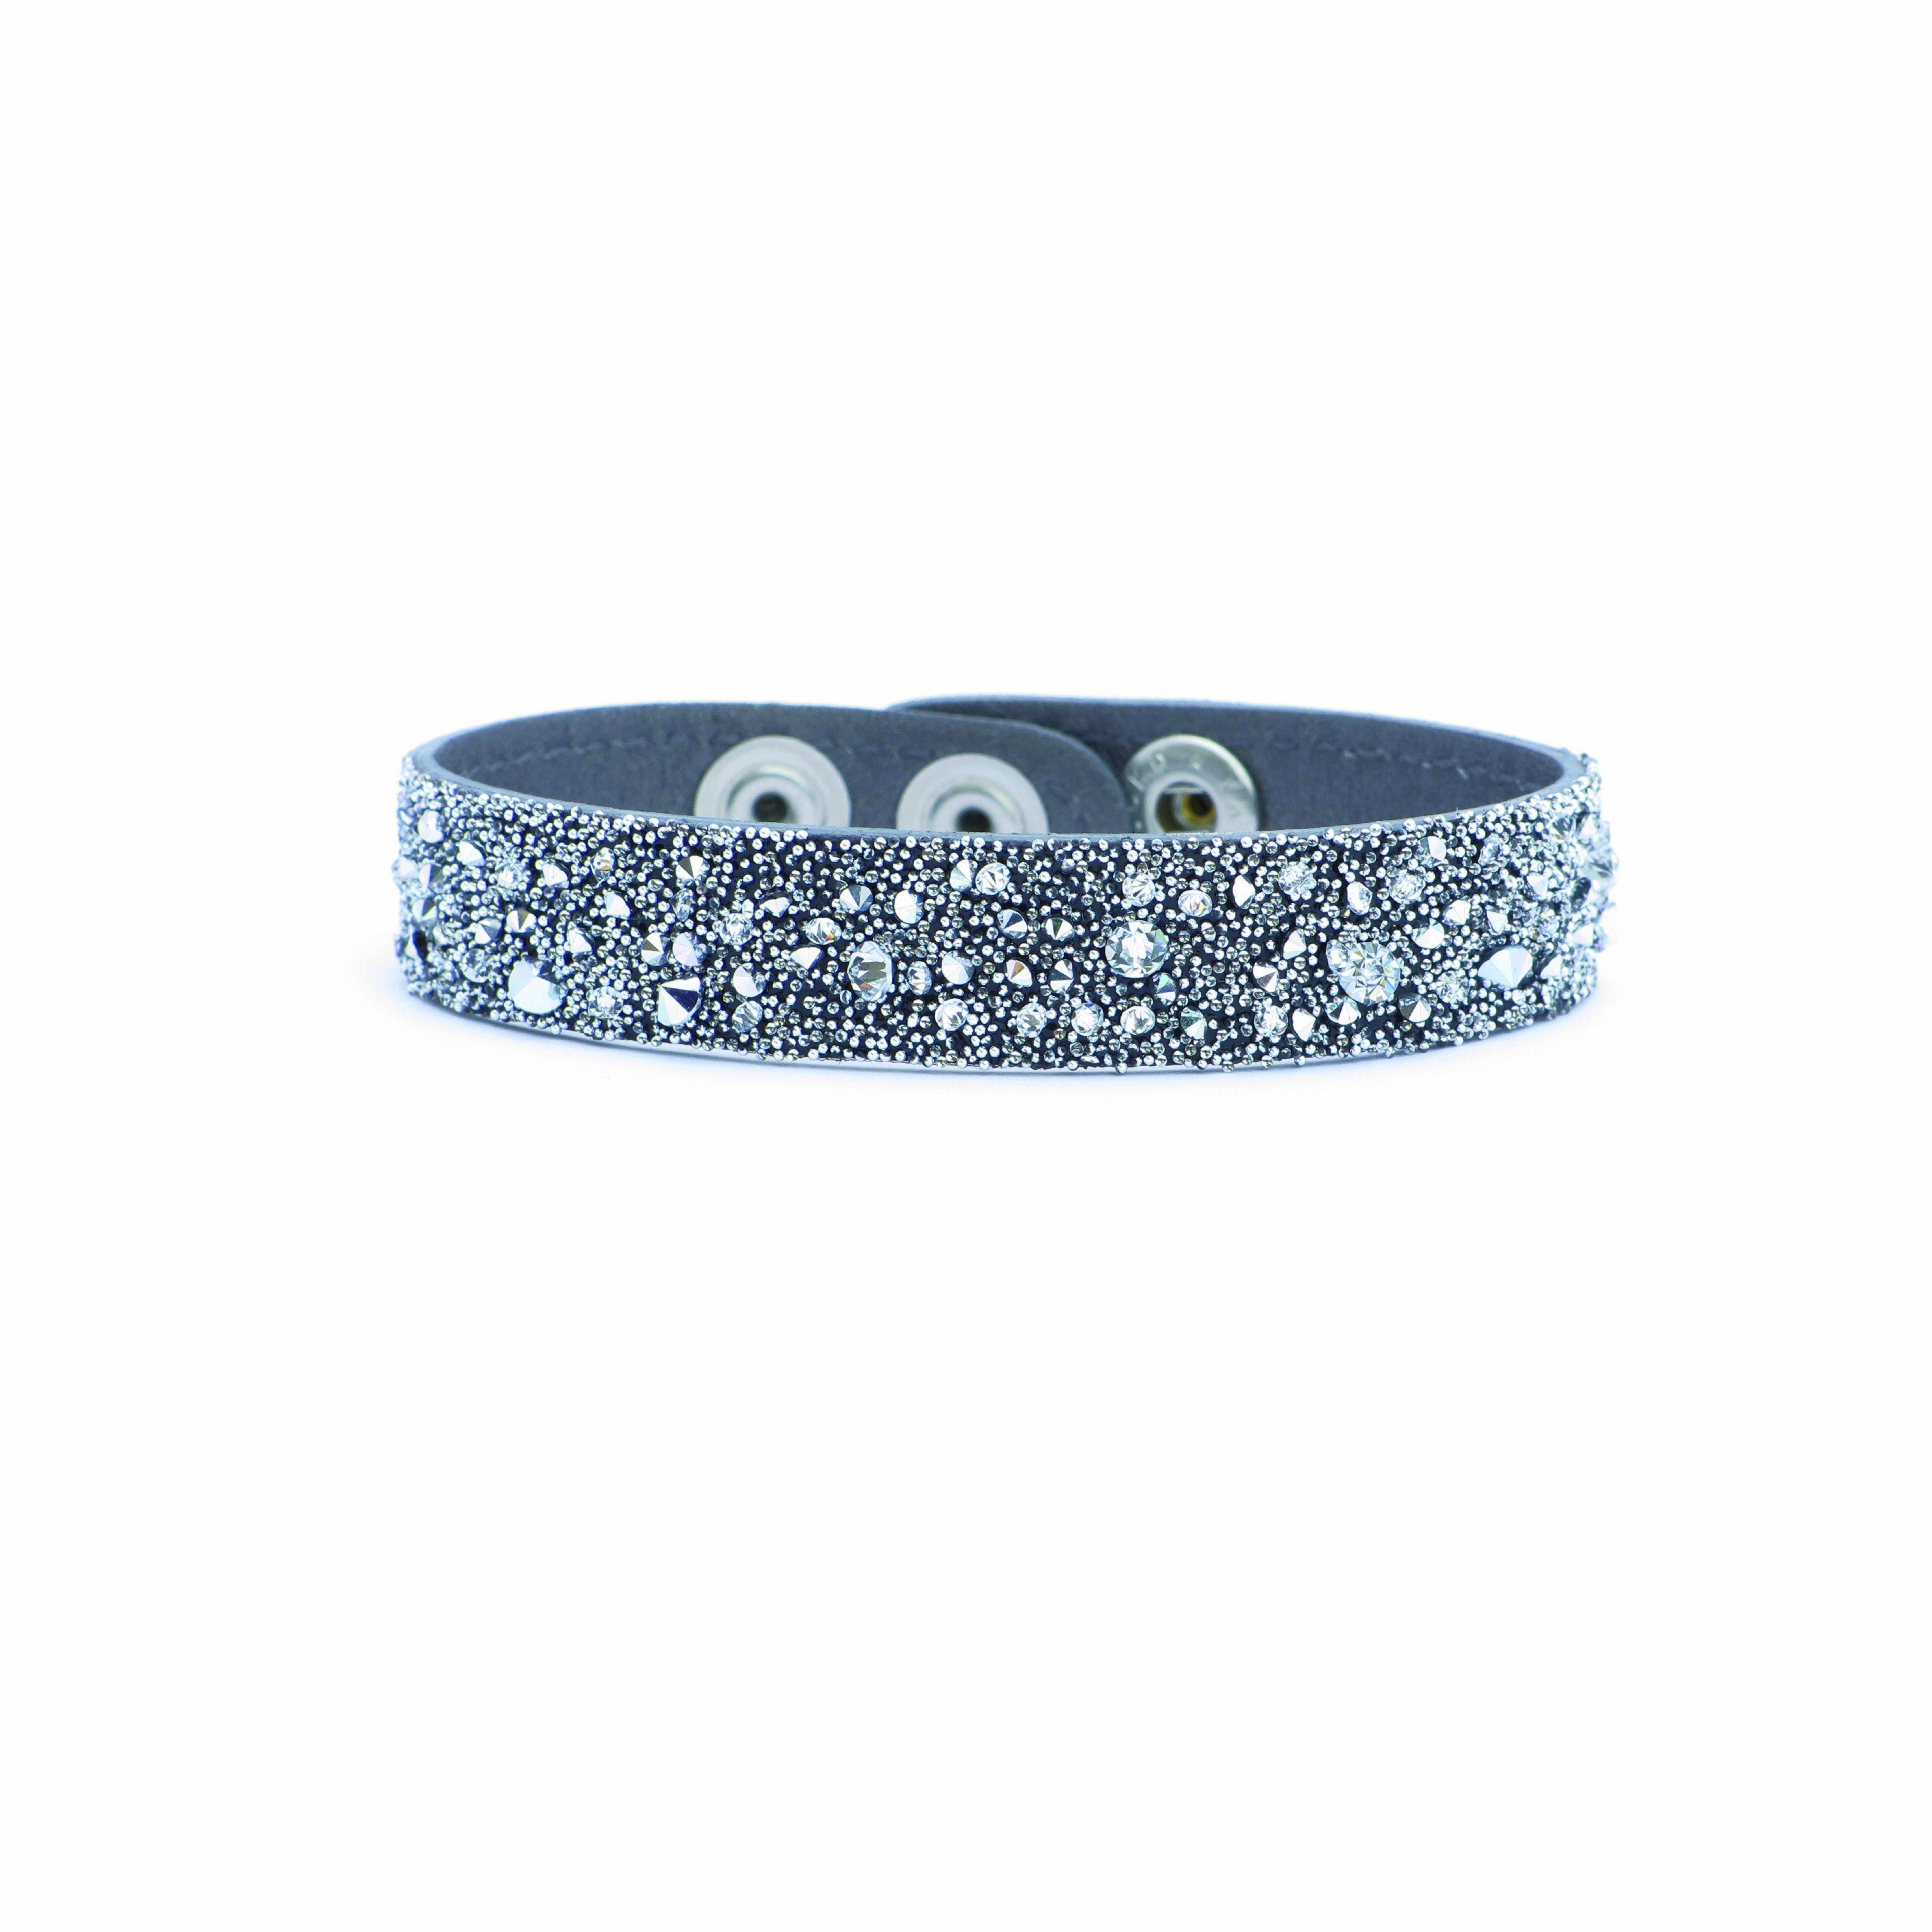 LOVING CRYSTAL Leder-Armband | Schmuck > Armbänder > Lederarmbänder | Loving Crystal